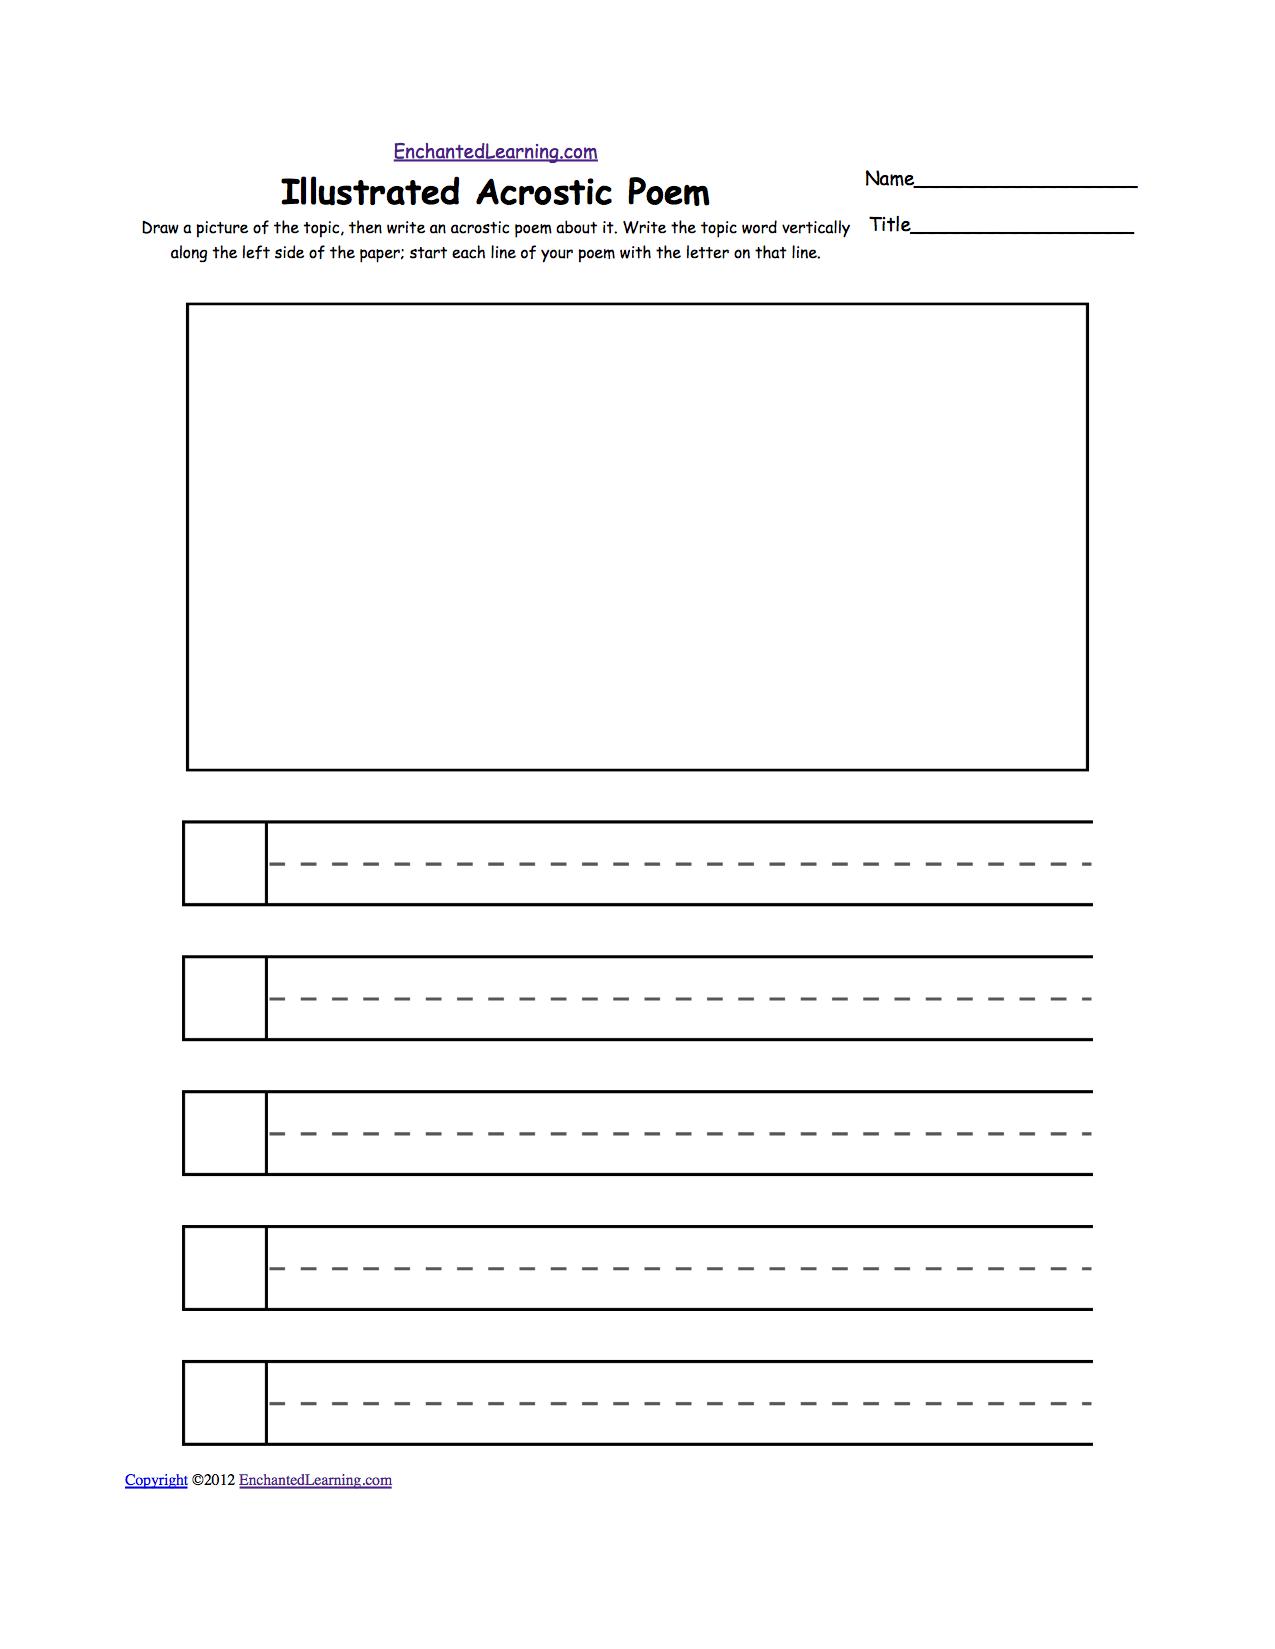 worksheet Poem Worksheets blank illustrated acrostic poem worksheets handwriting lines worksheet printout enchantedlearning com